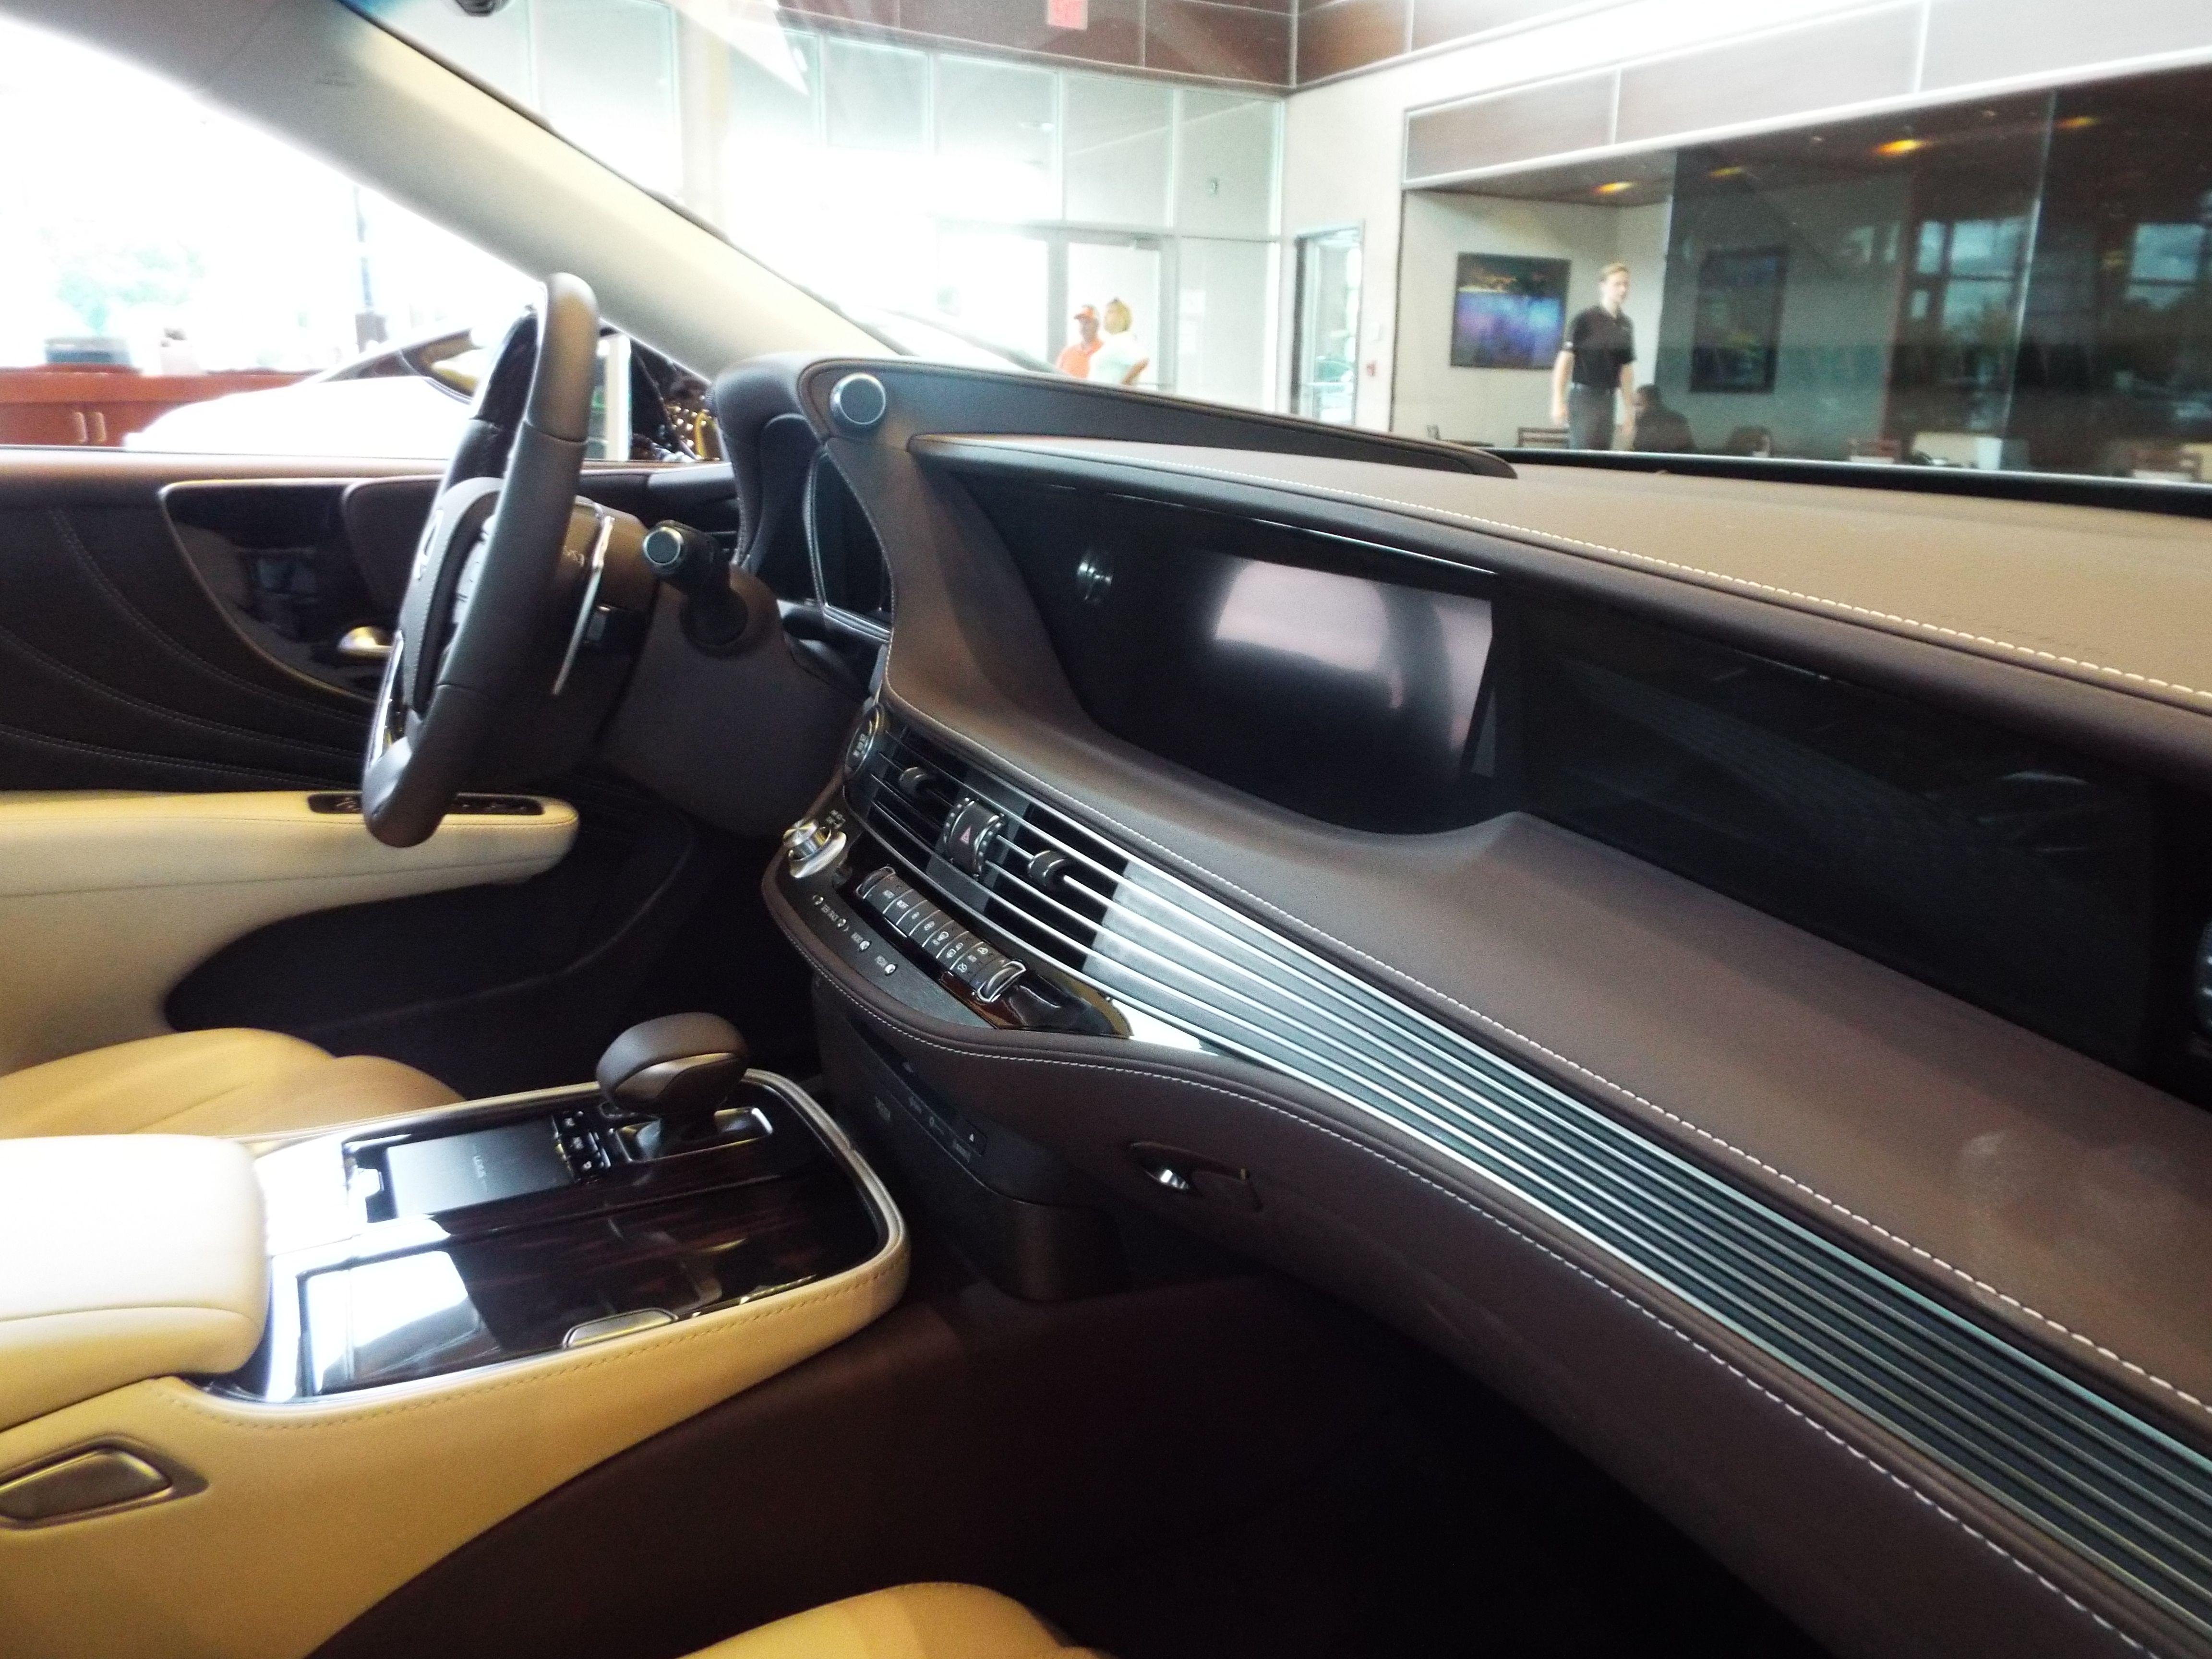 Hellooooo Yamaha Lc 500 Elegant Dashboard Sverrett Cplexus Com Lexus Yamaha Car Door